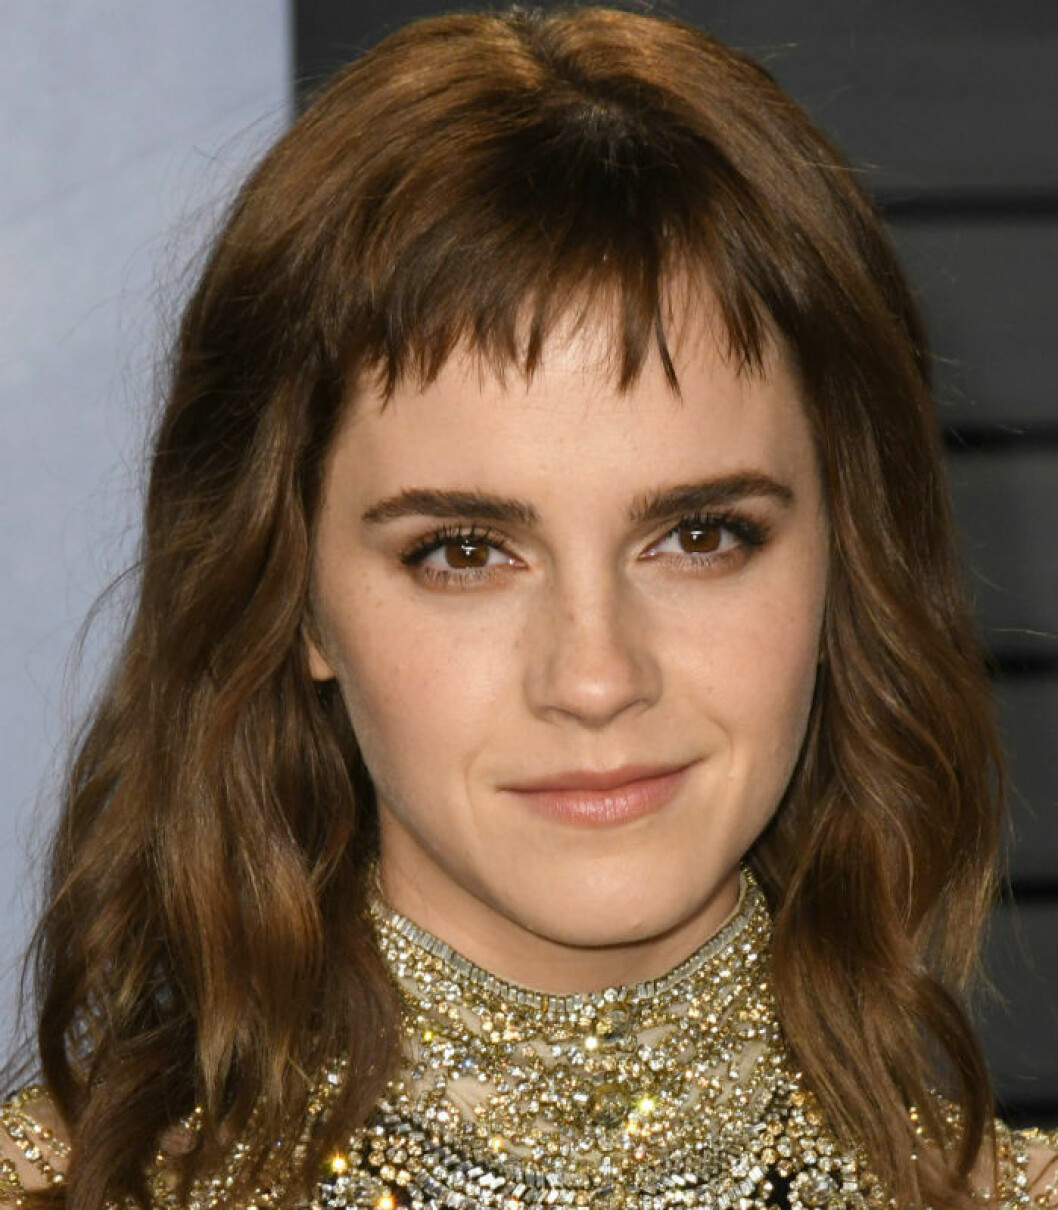 Emma Watsons i microlugg.